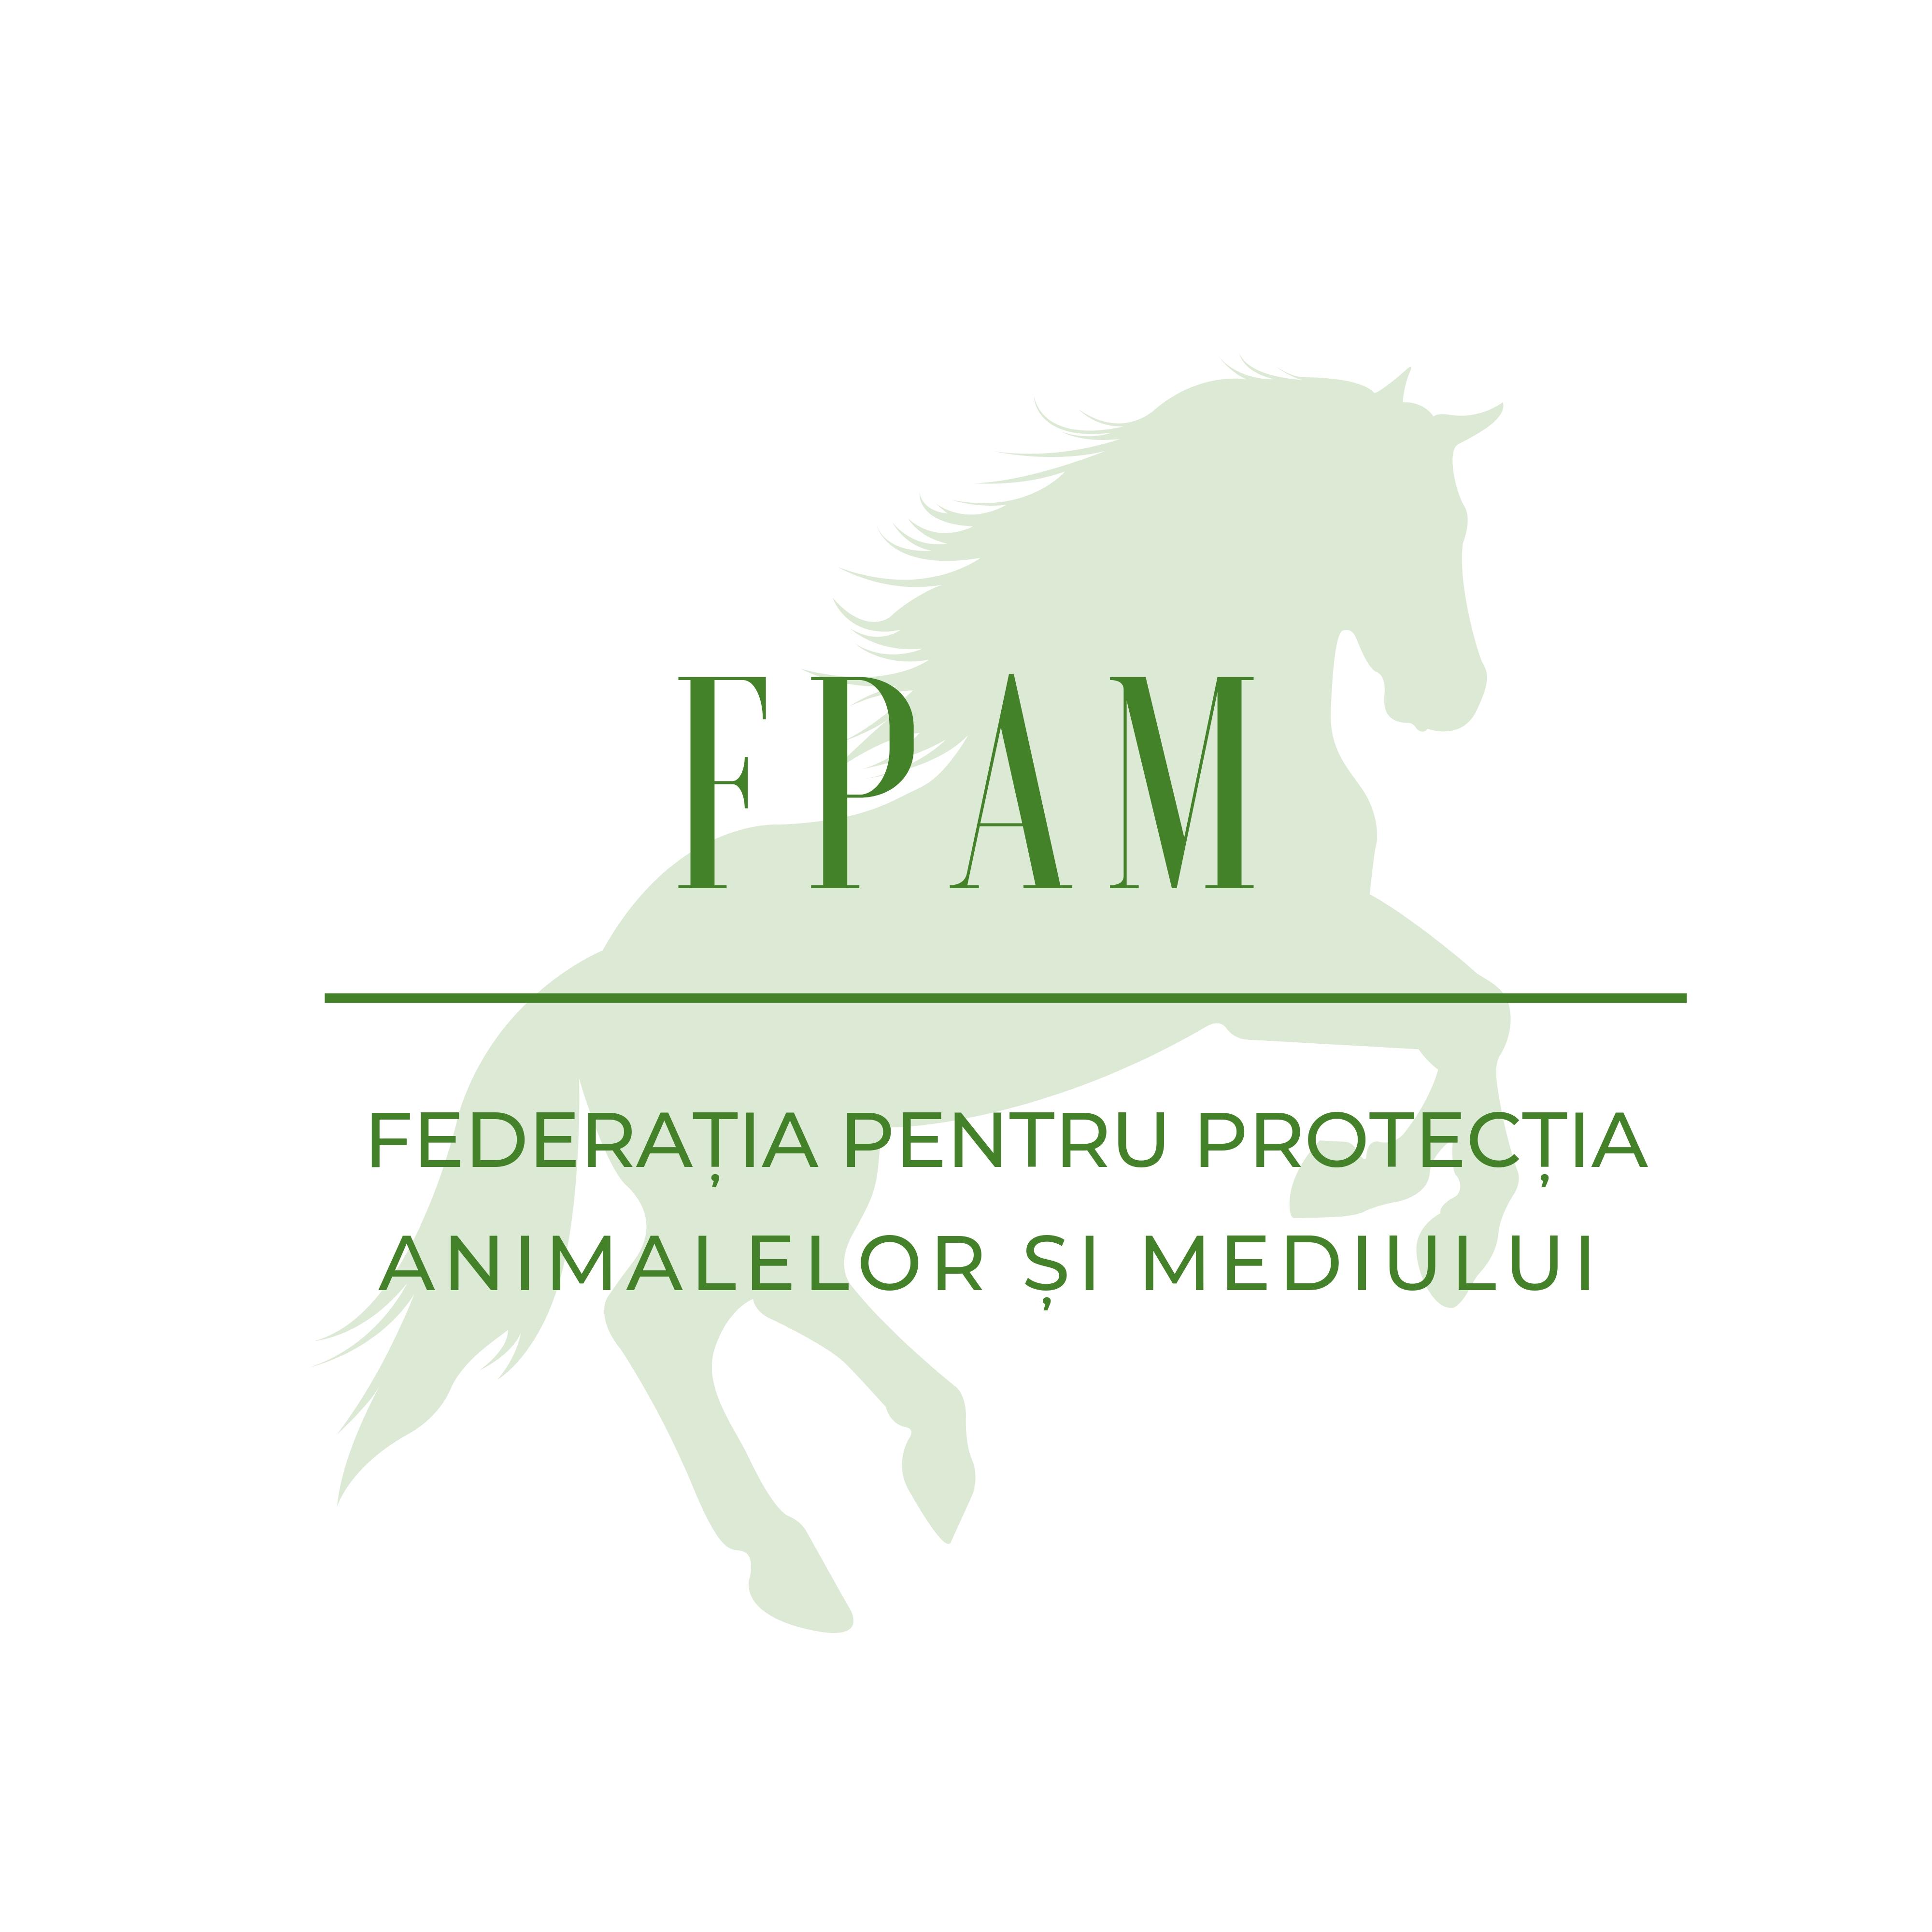 Federatia pentru Protectia Animalelor si Mediului - Romania logo